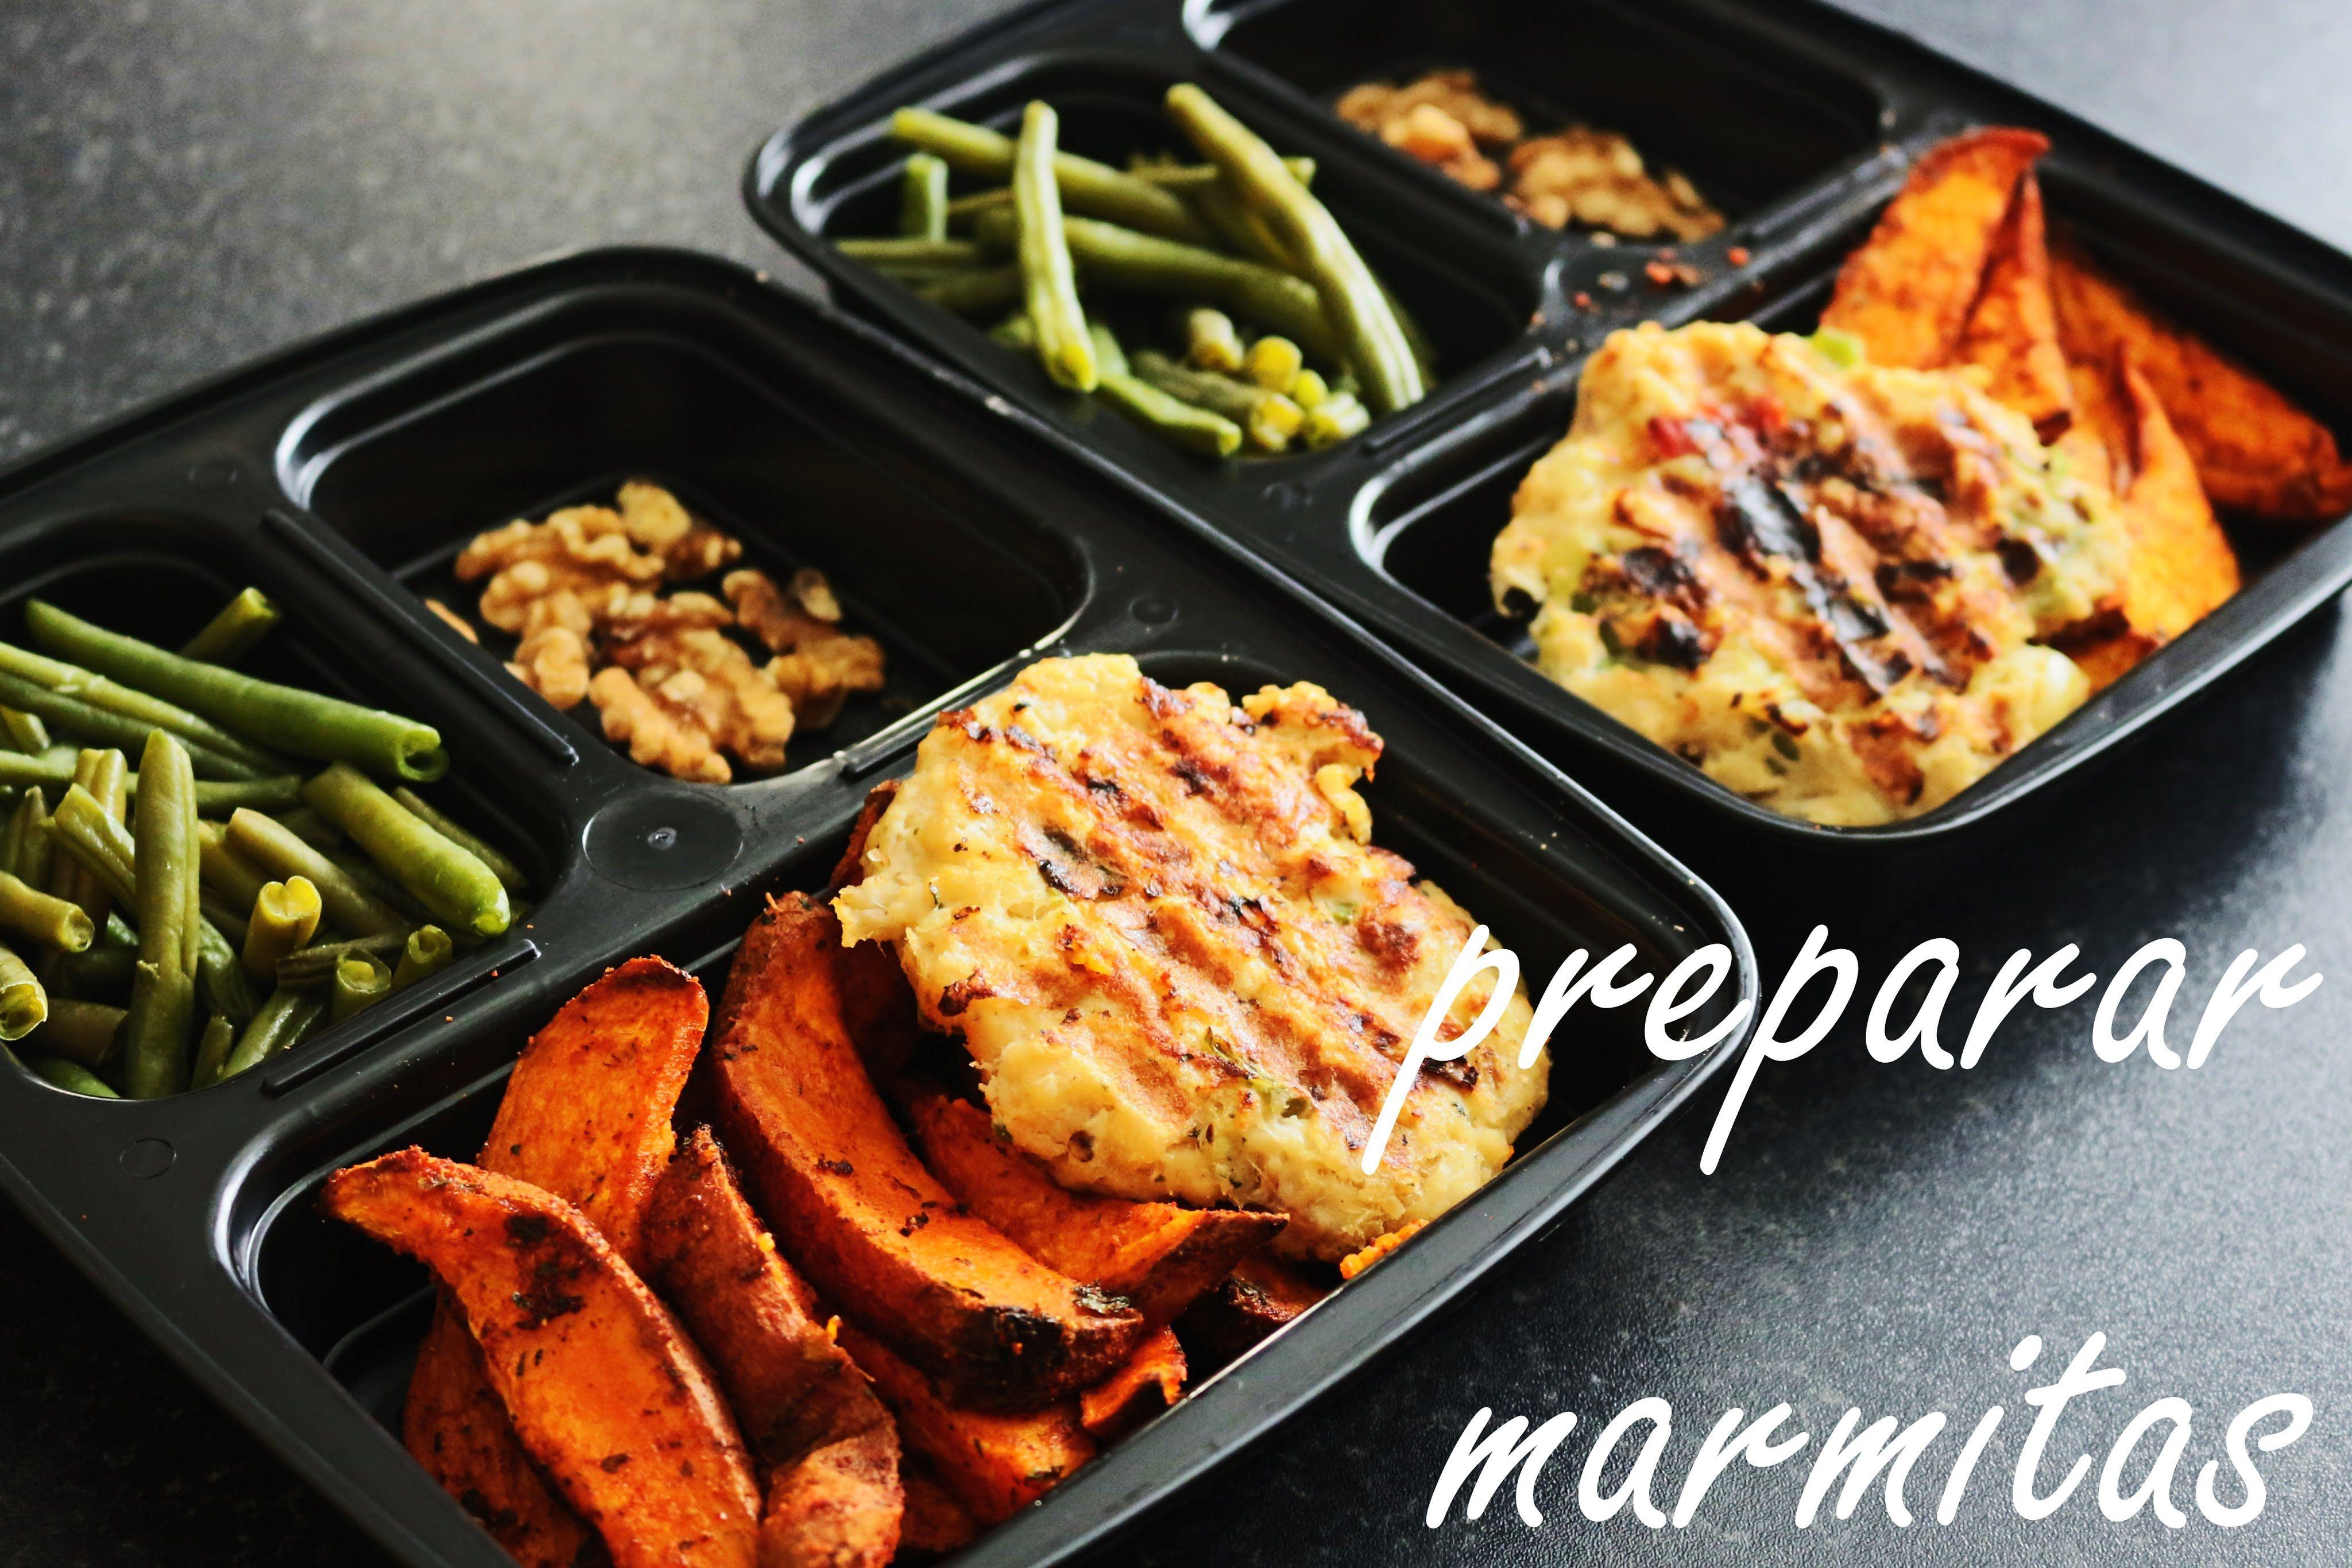 173. Preparar Marmitas Saudáveis: Hambúrguer De Pescada | Meal Prep